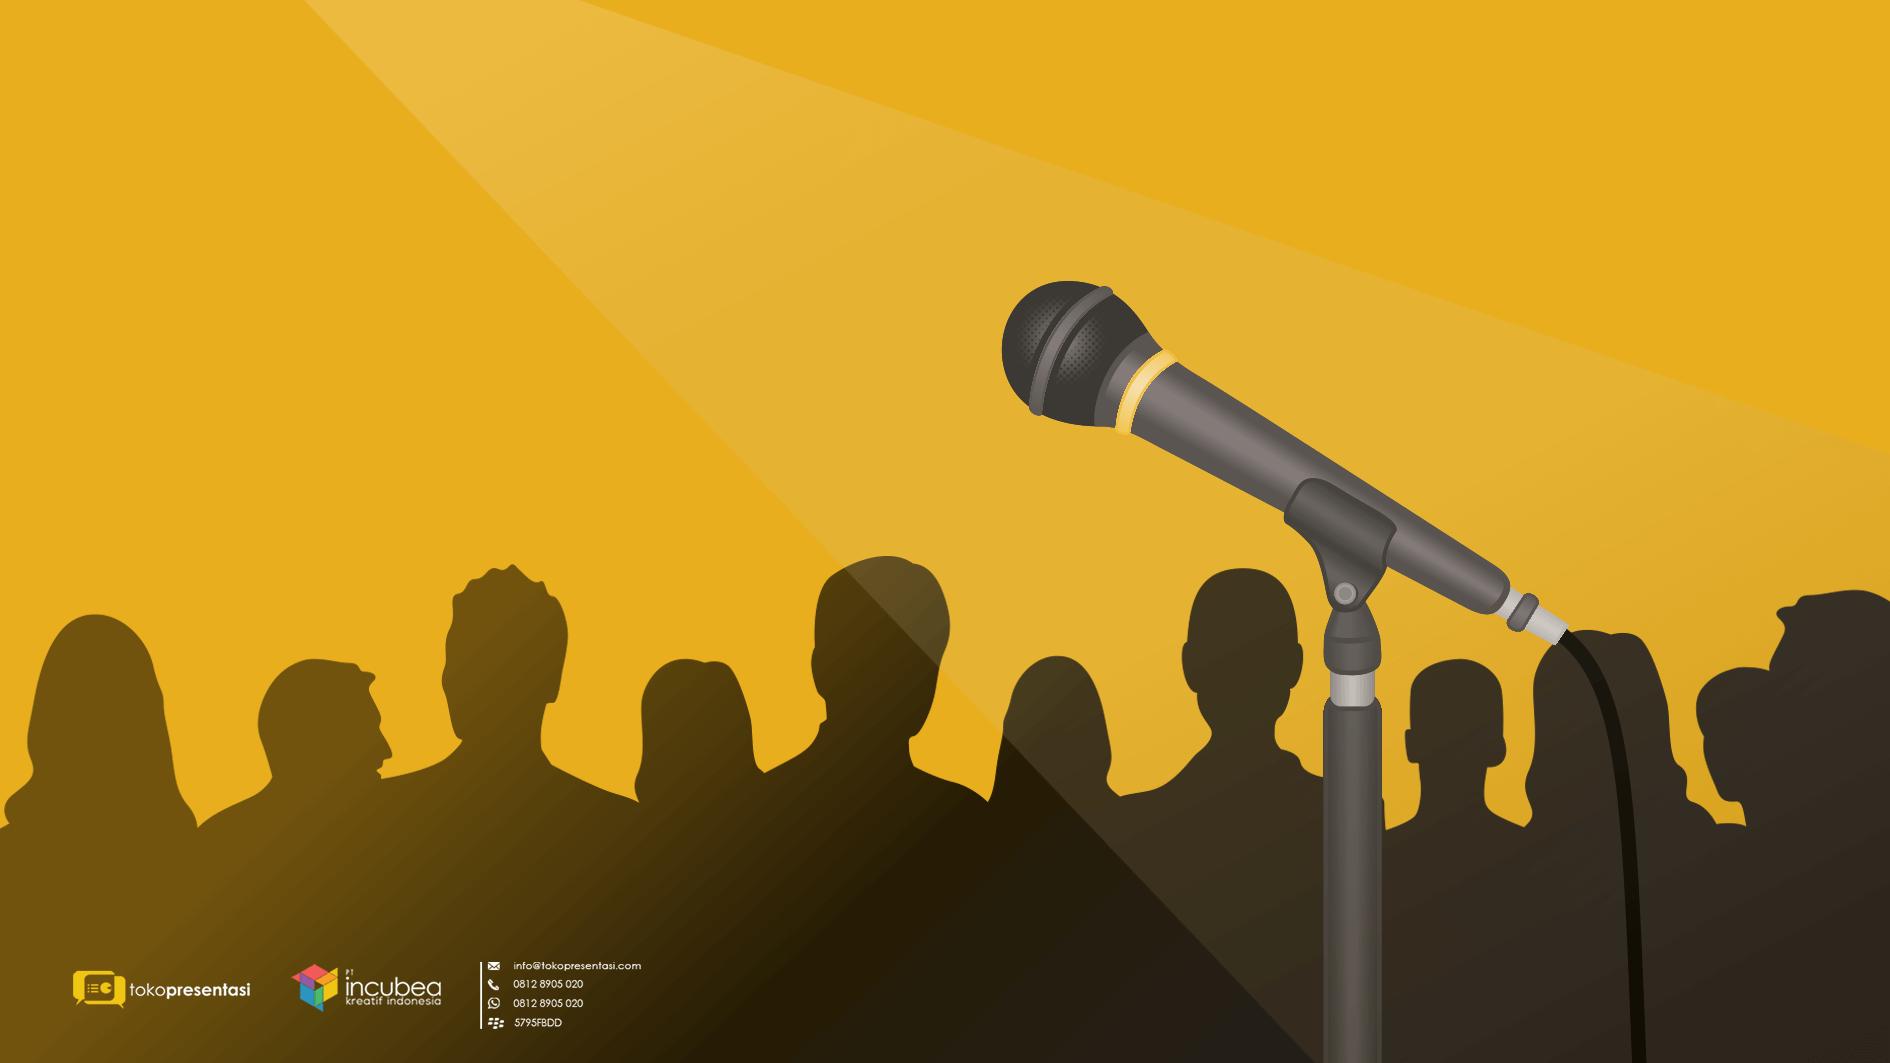 Manfaat Public Speaking Bagi Diri Sendiri yang Tidak Kita Sadari - Tokopresentasi